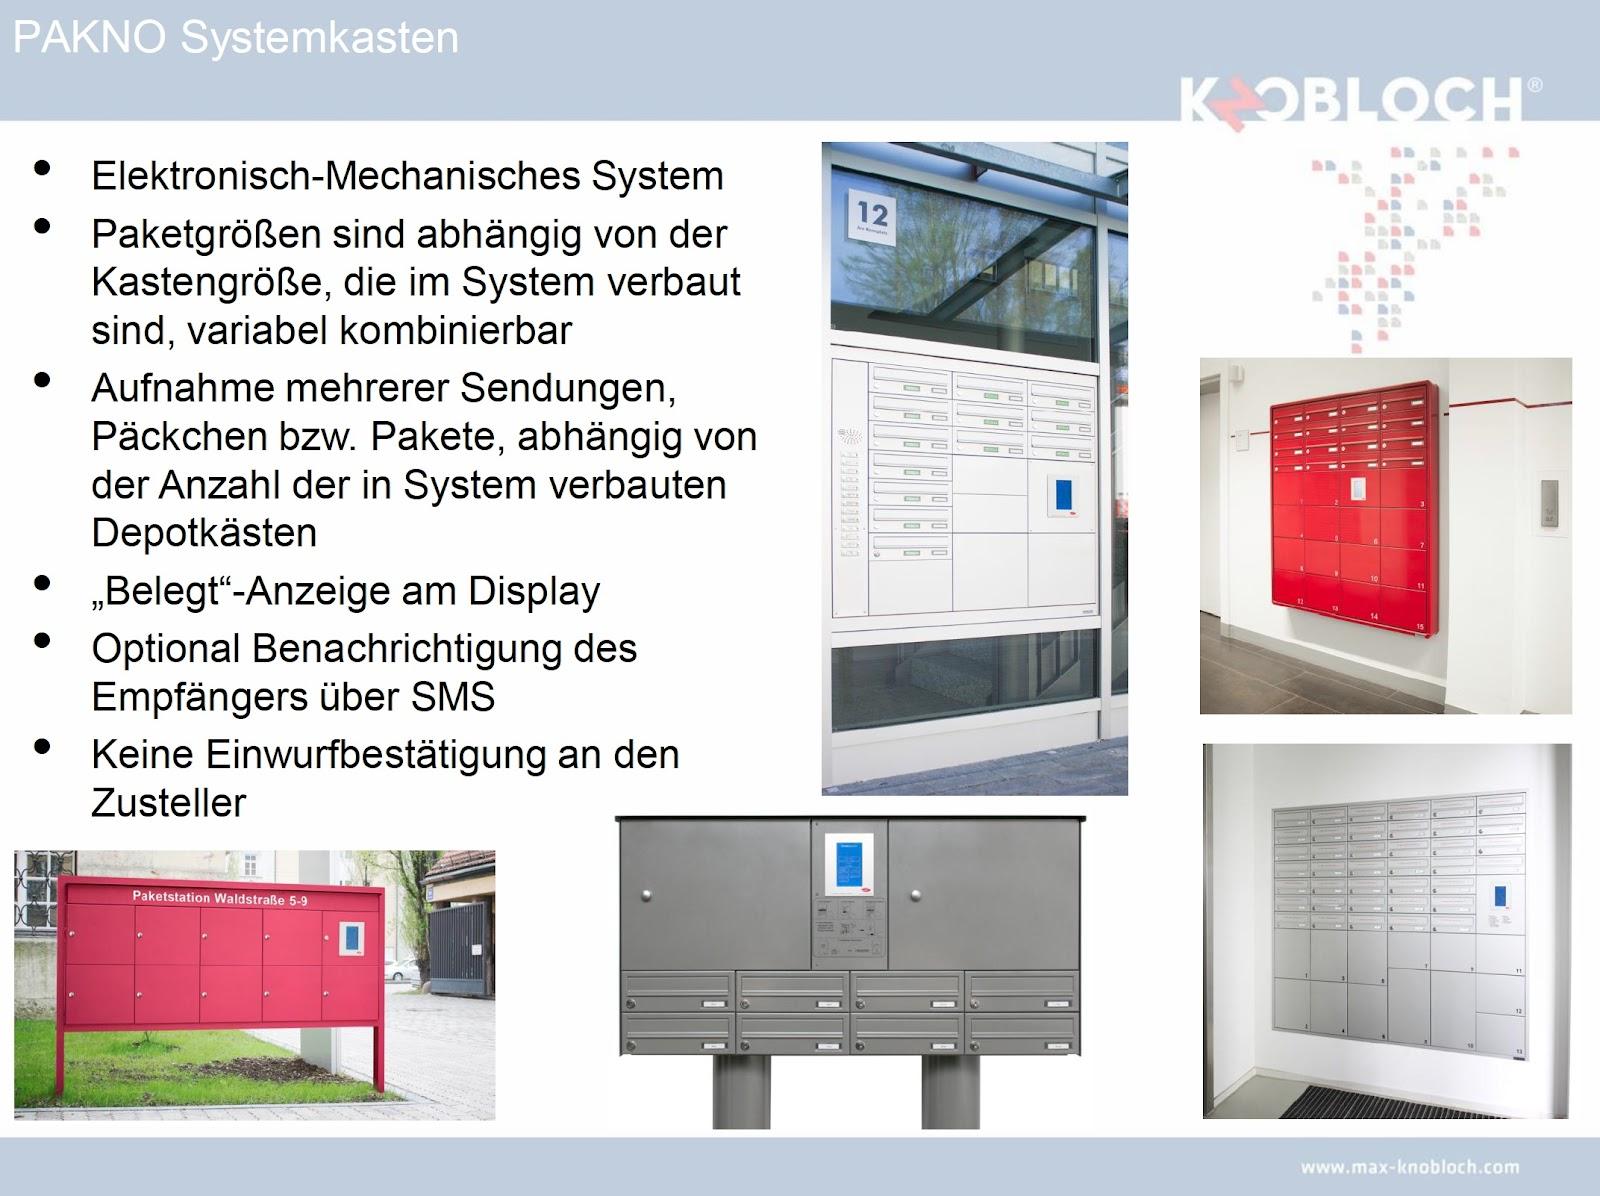 KNOBLOCH_Paketkästen_pdf IV.jpg